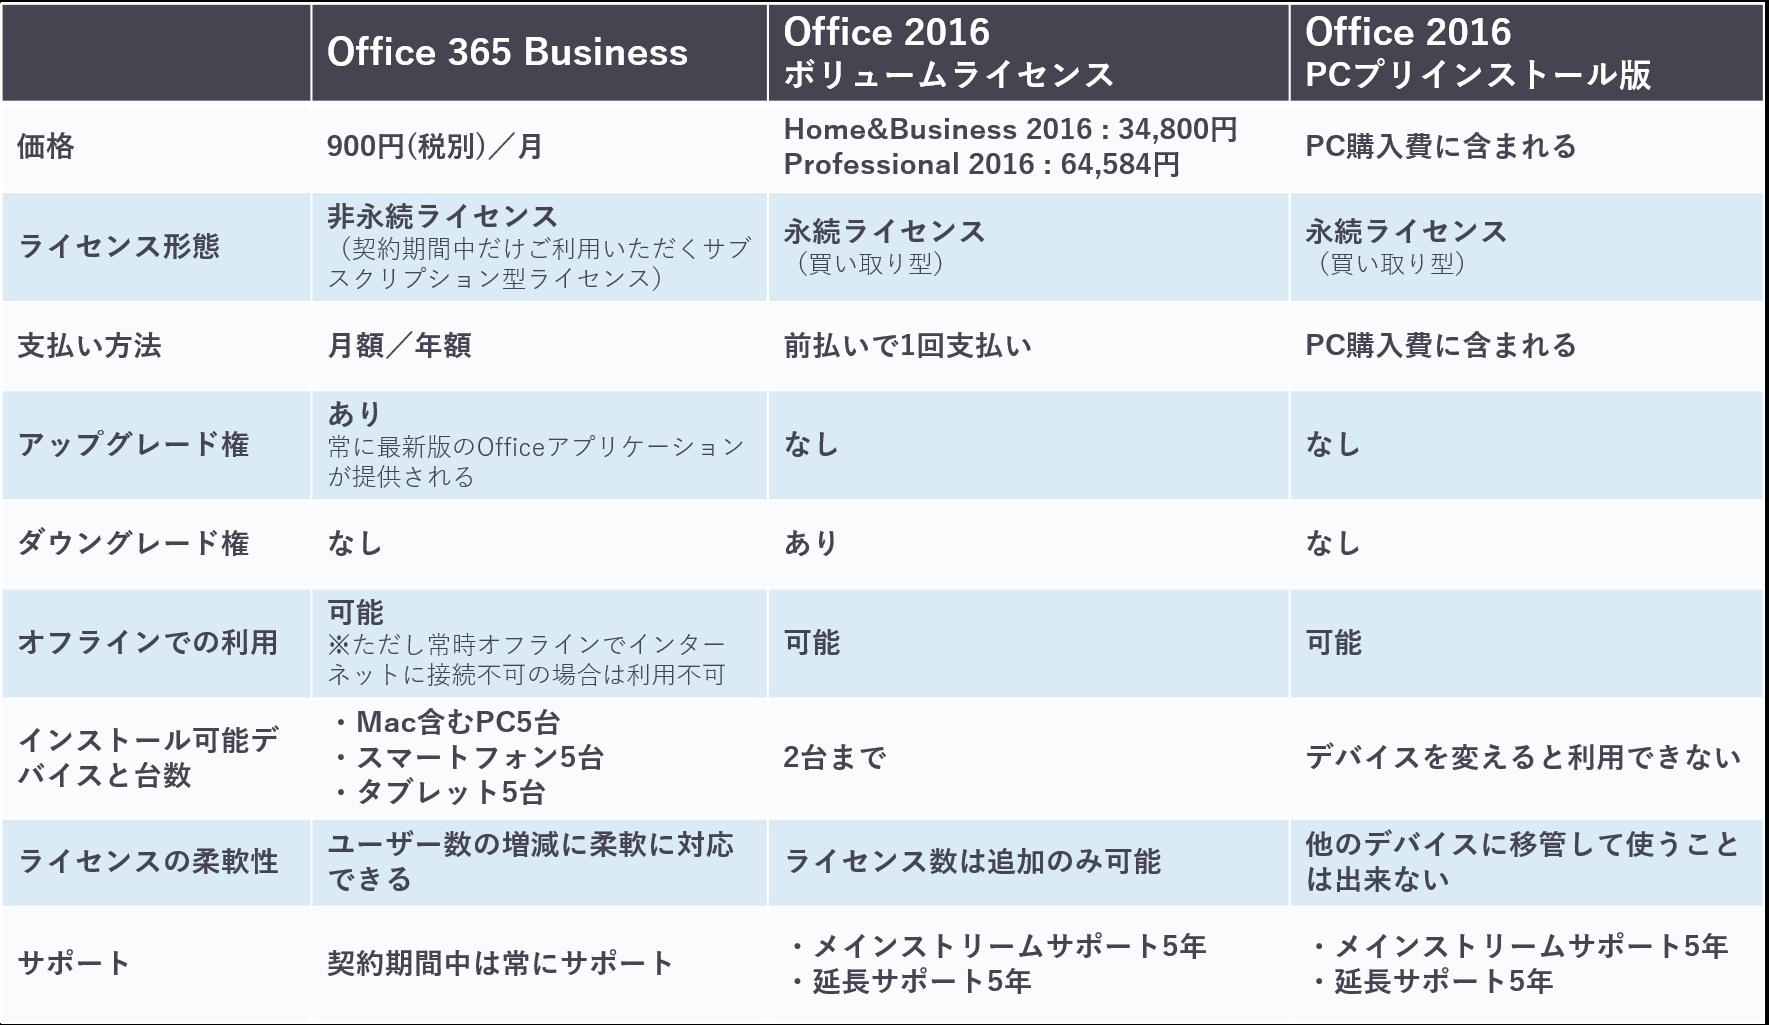 今までのOfficeとの比較表